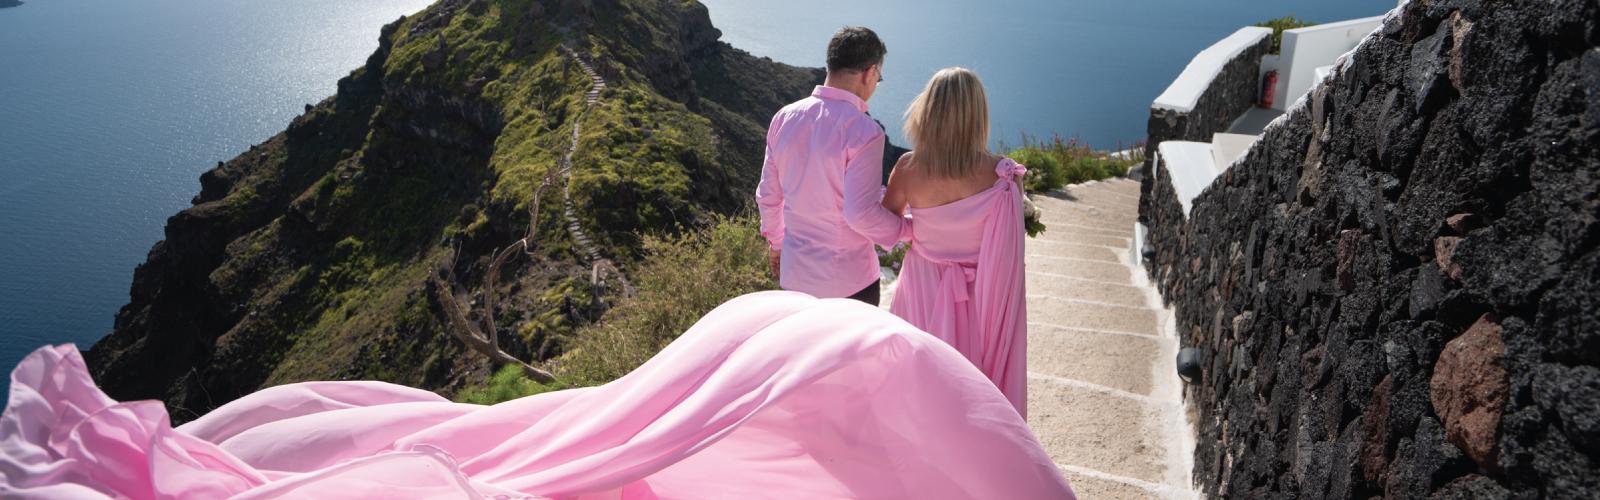 matrimoni in grecia 02